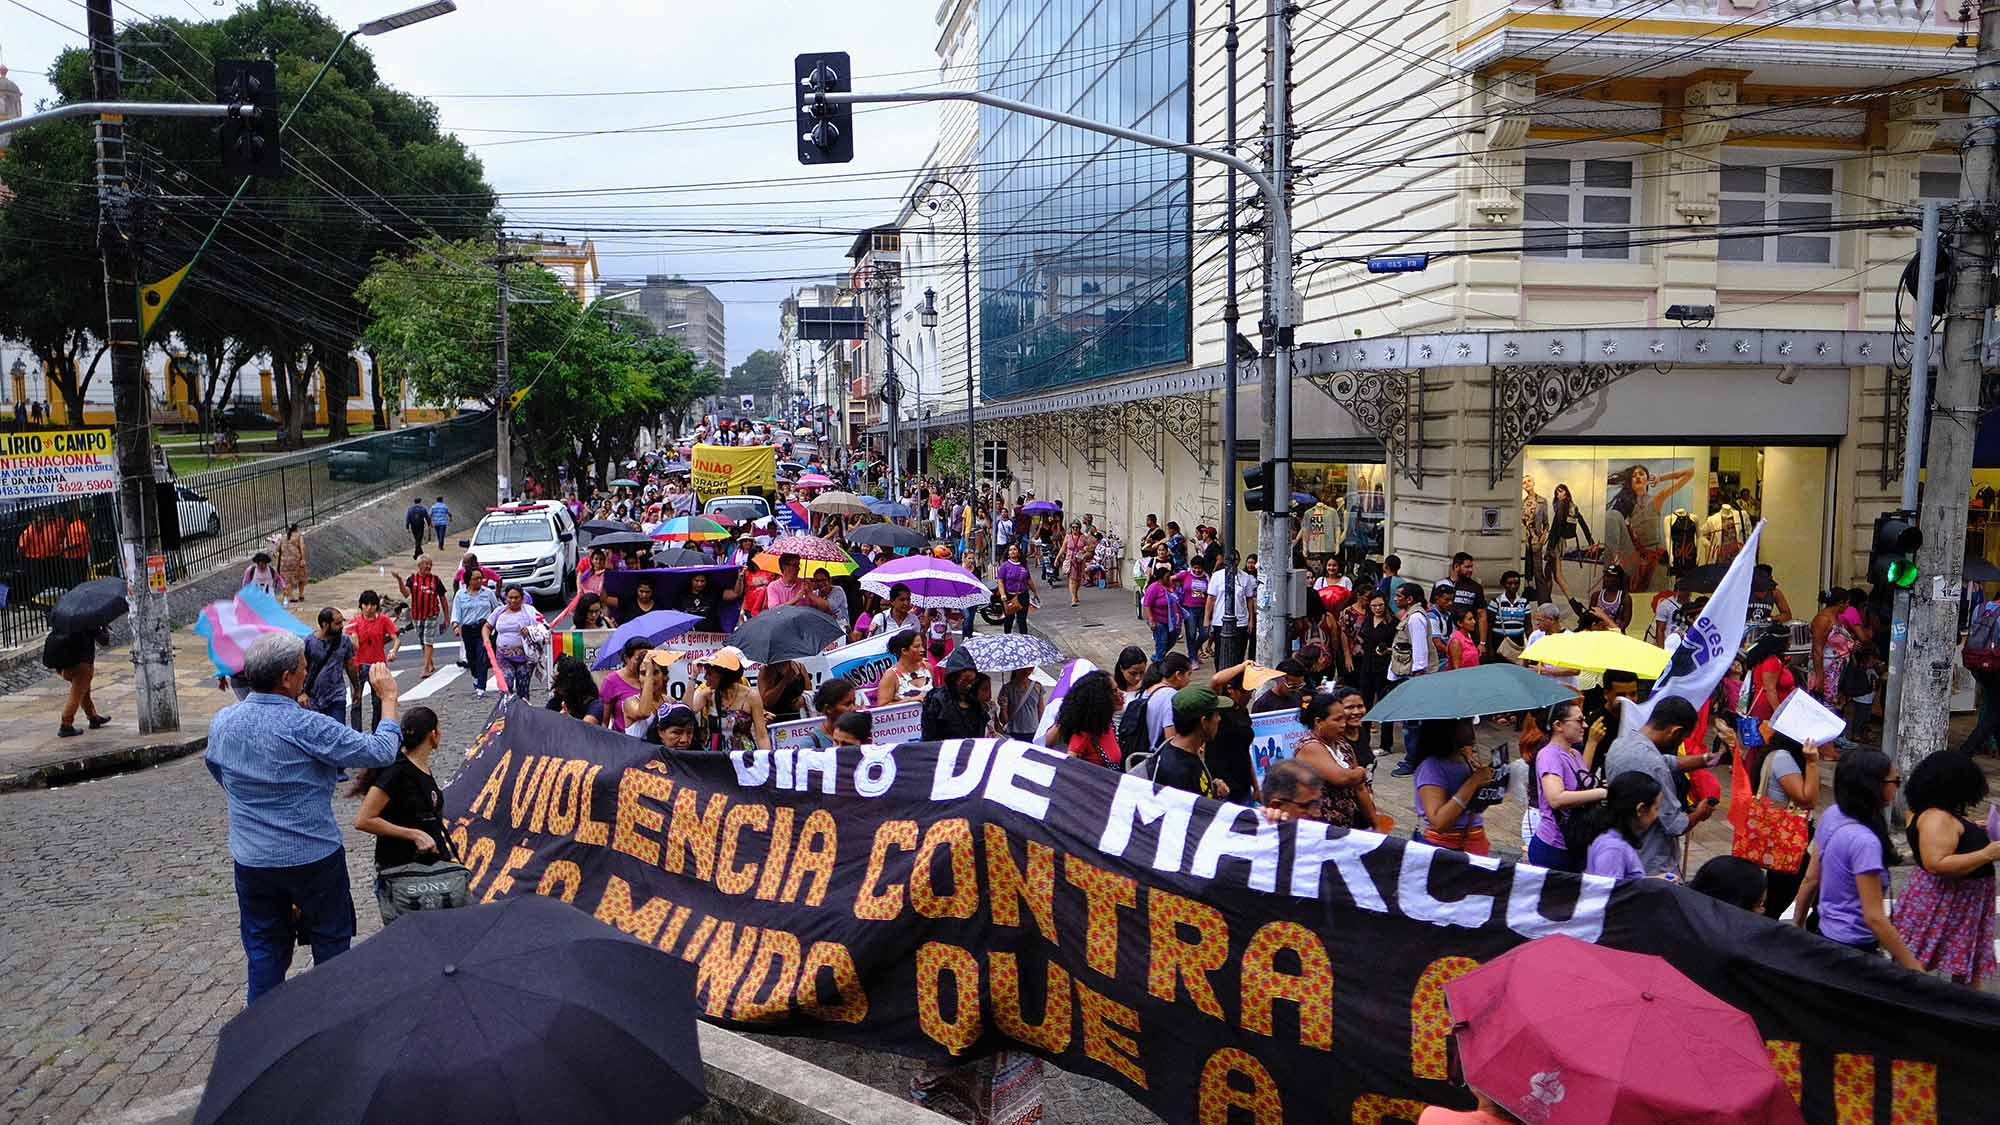 Mulheres cobram mais igualdade e fim da violência na Amazônia